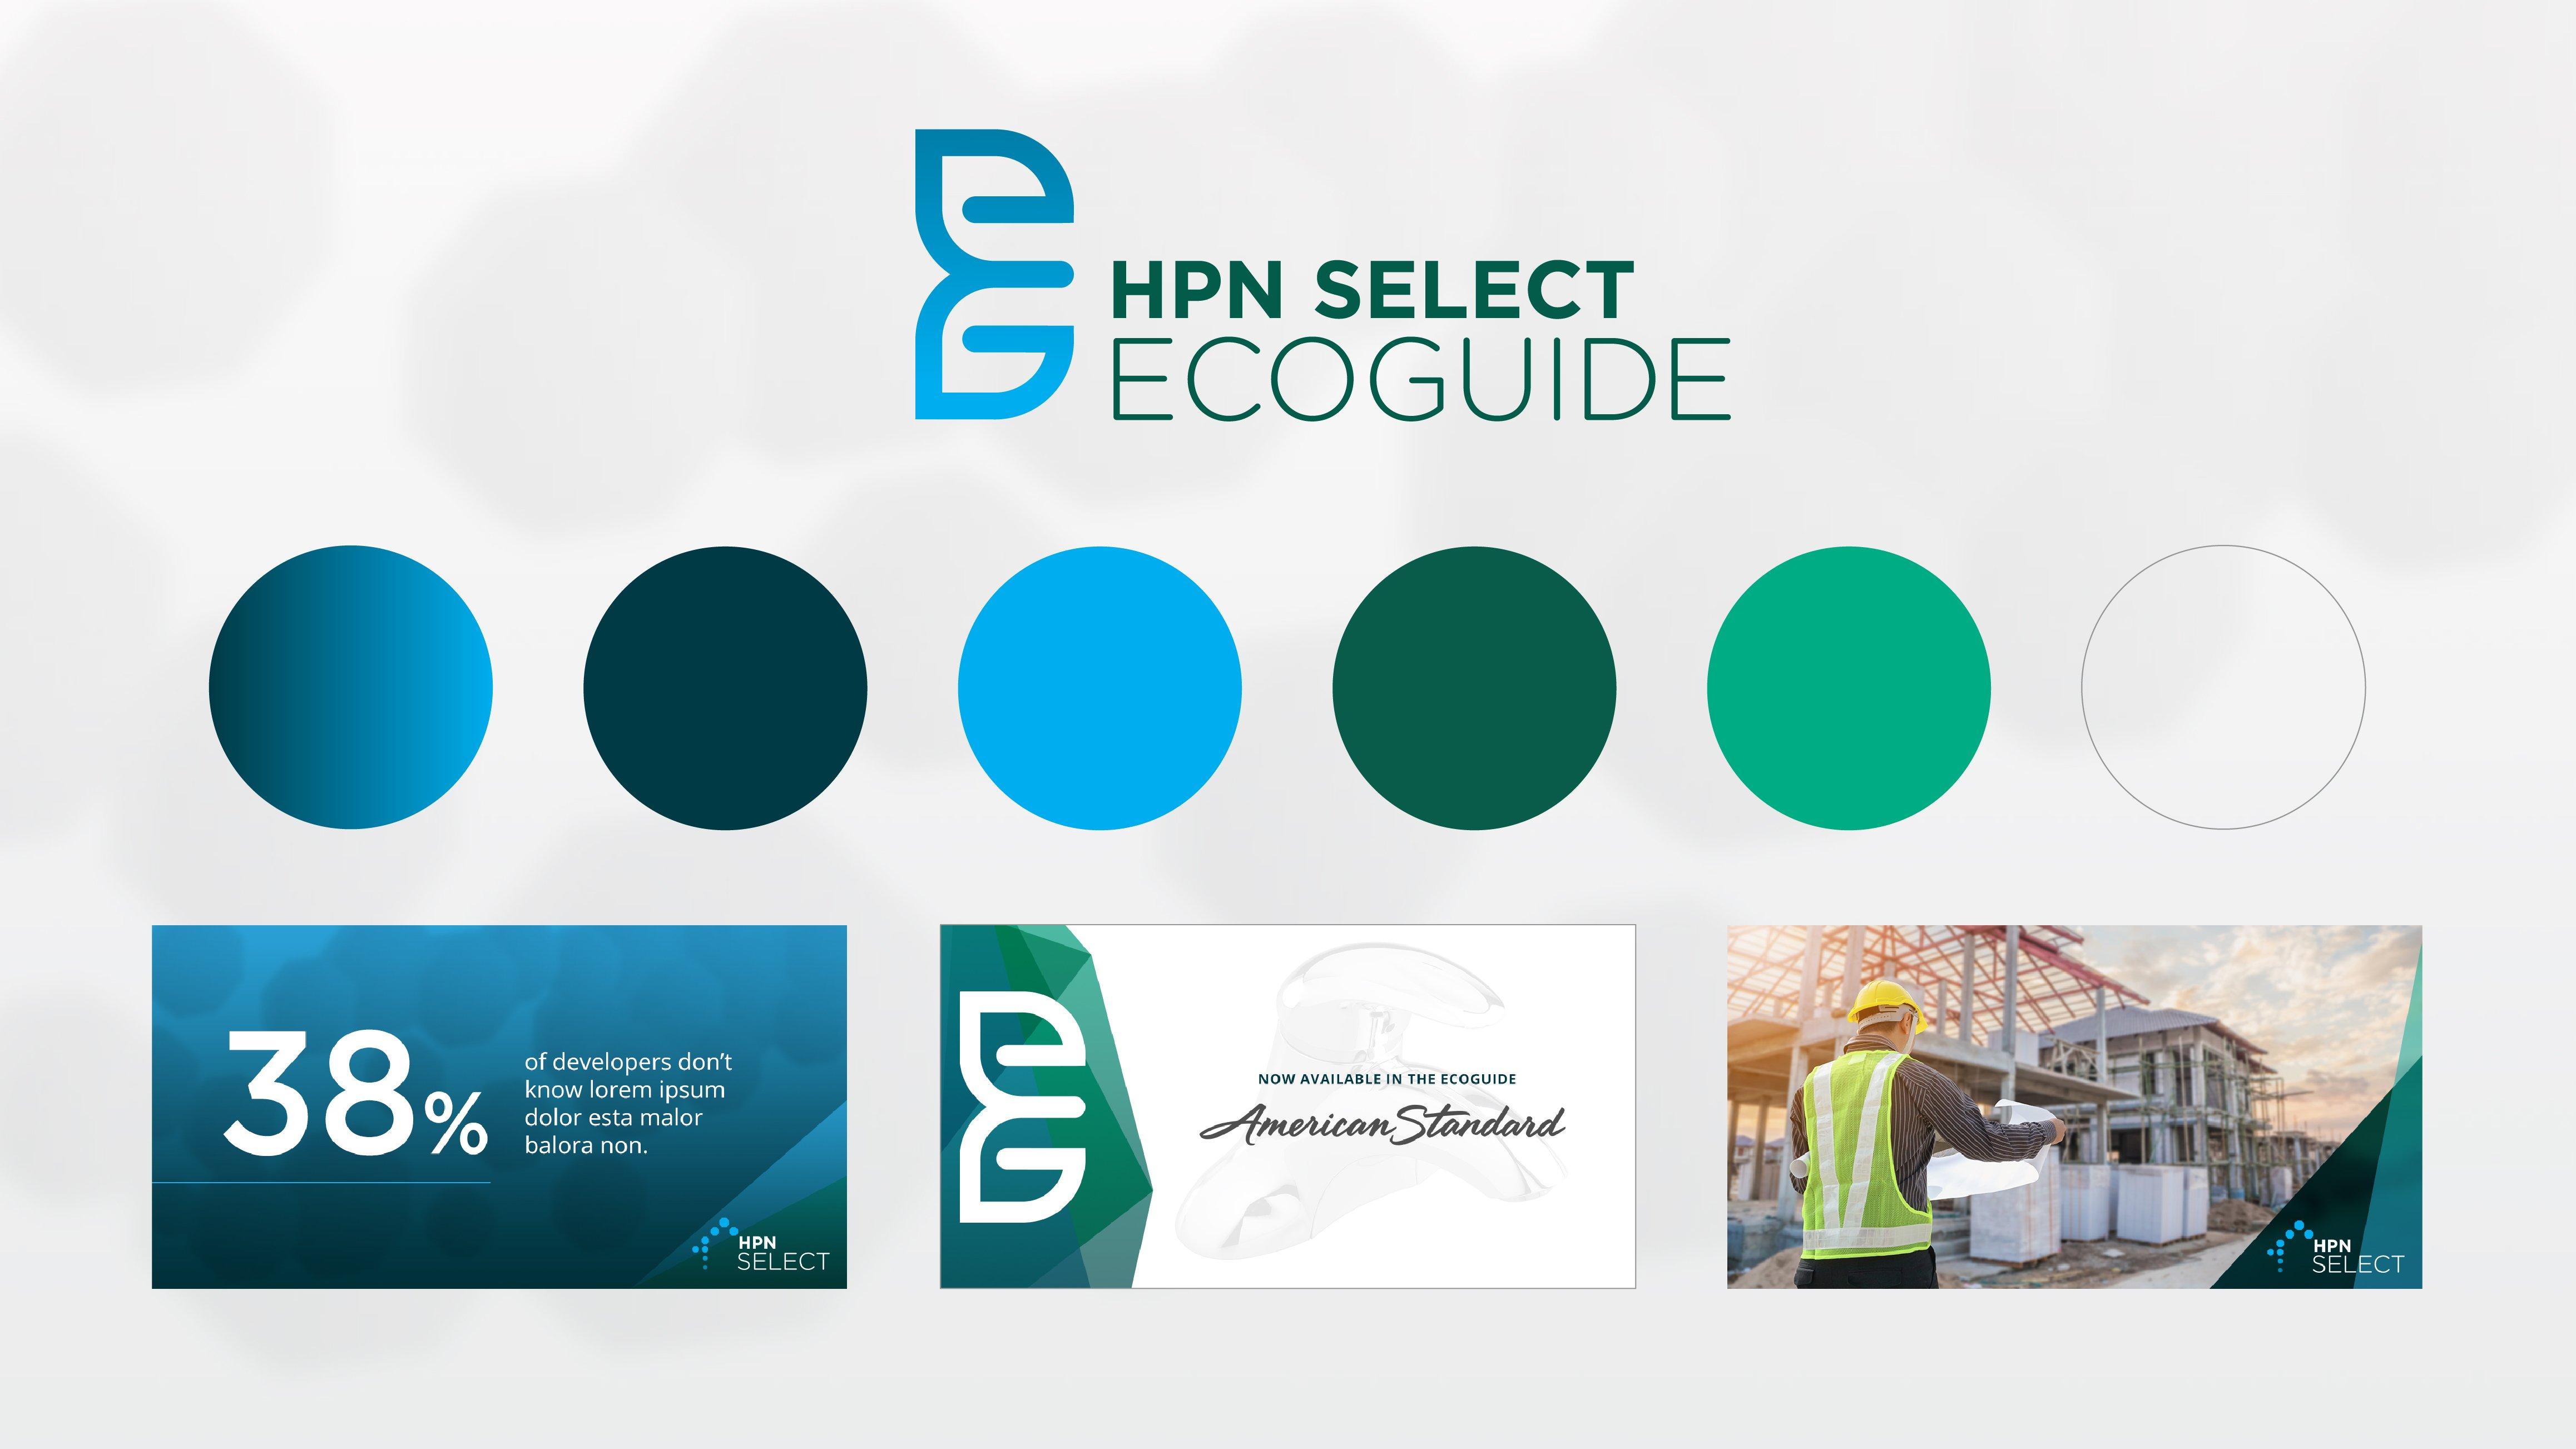 HPN-Select-EcoGuideBranding